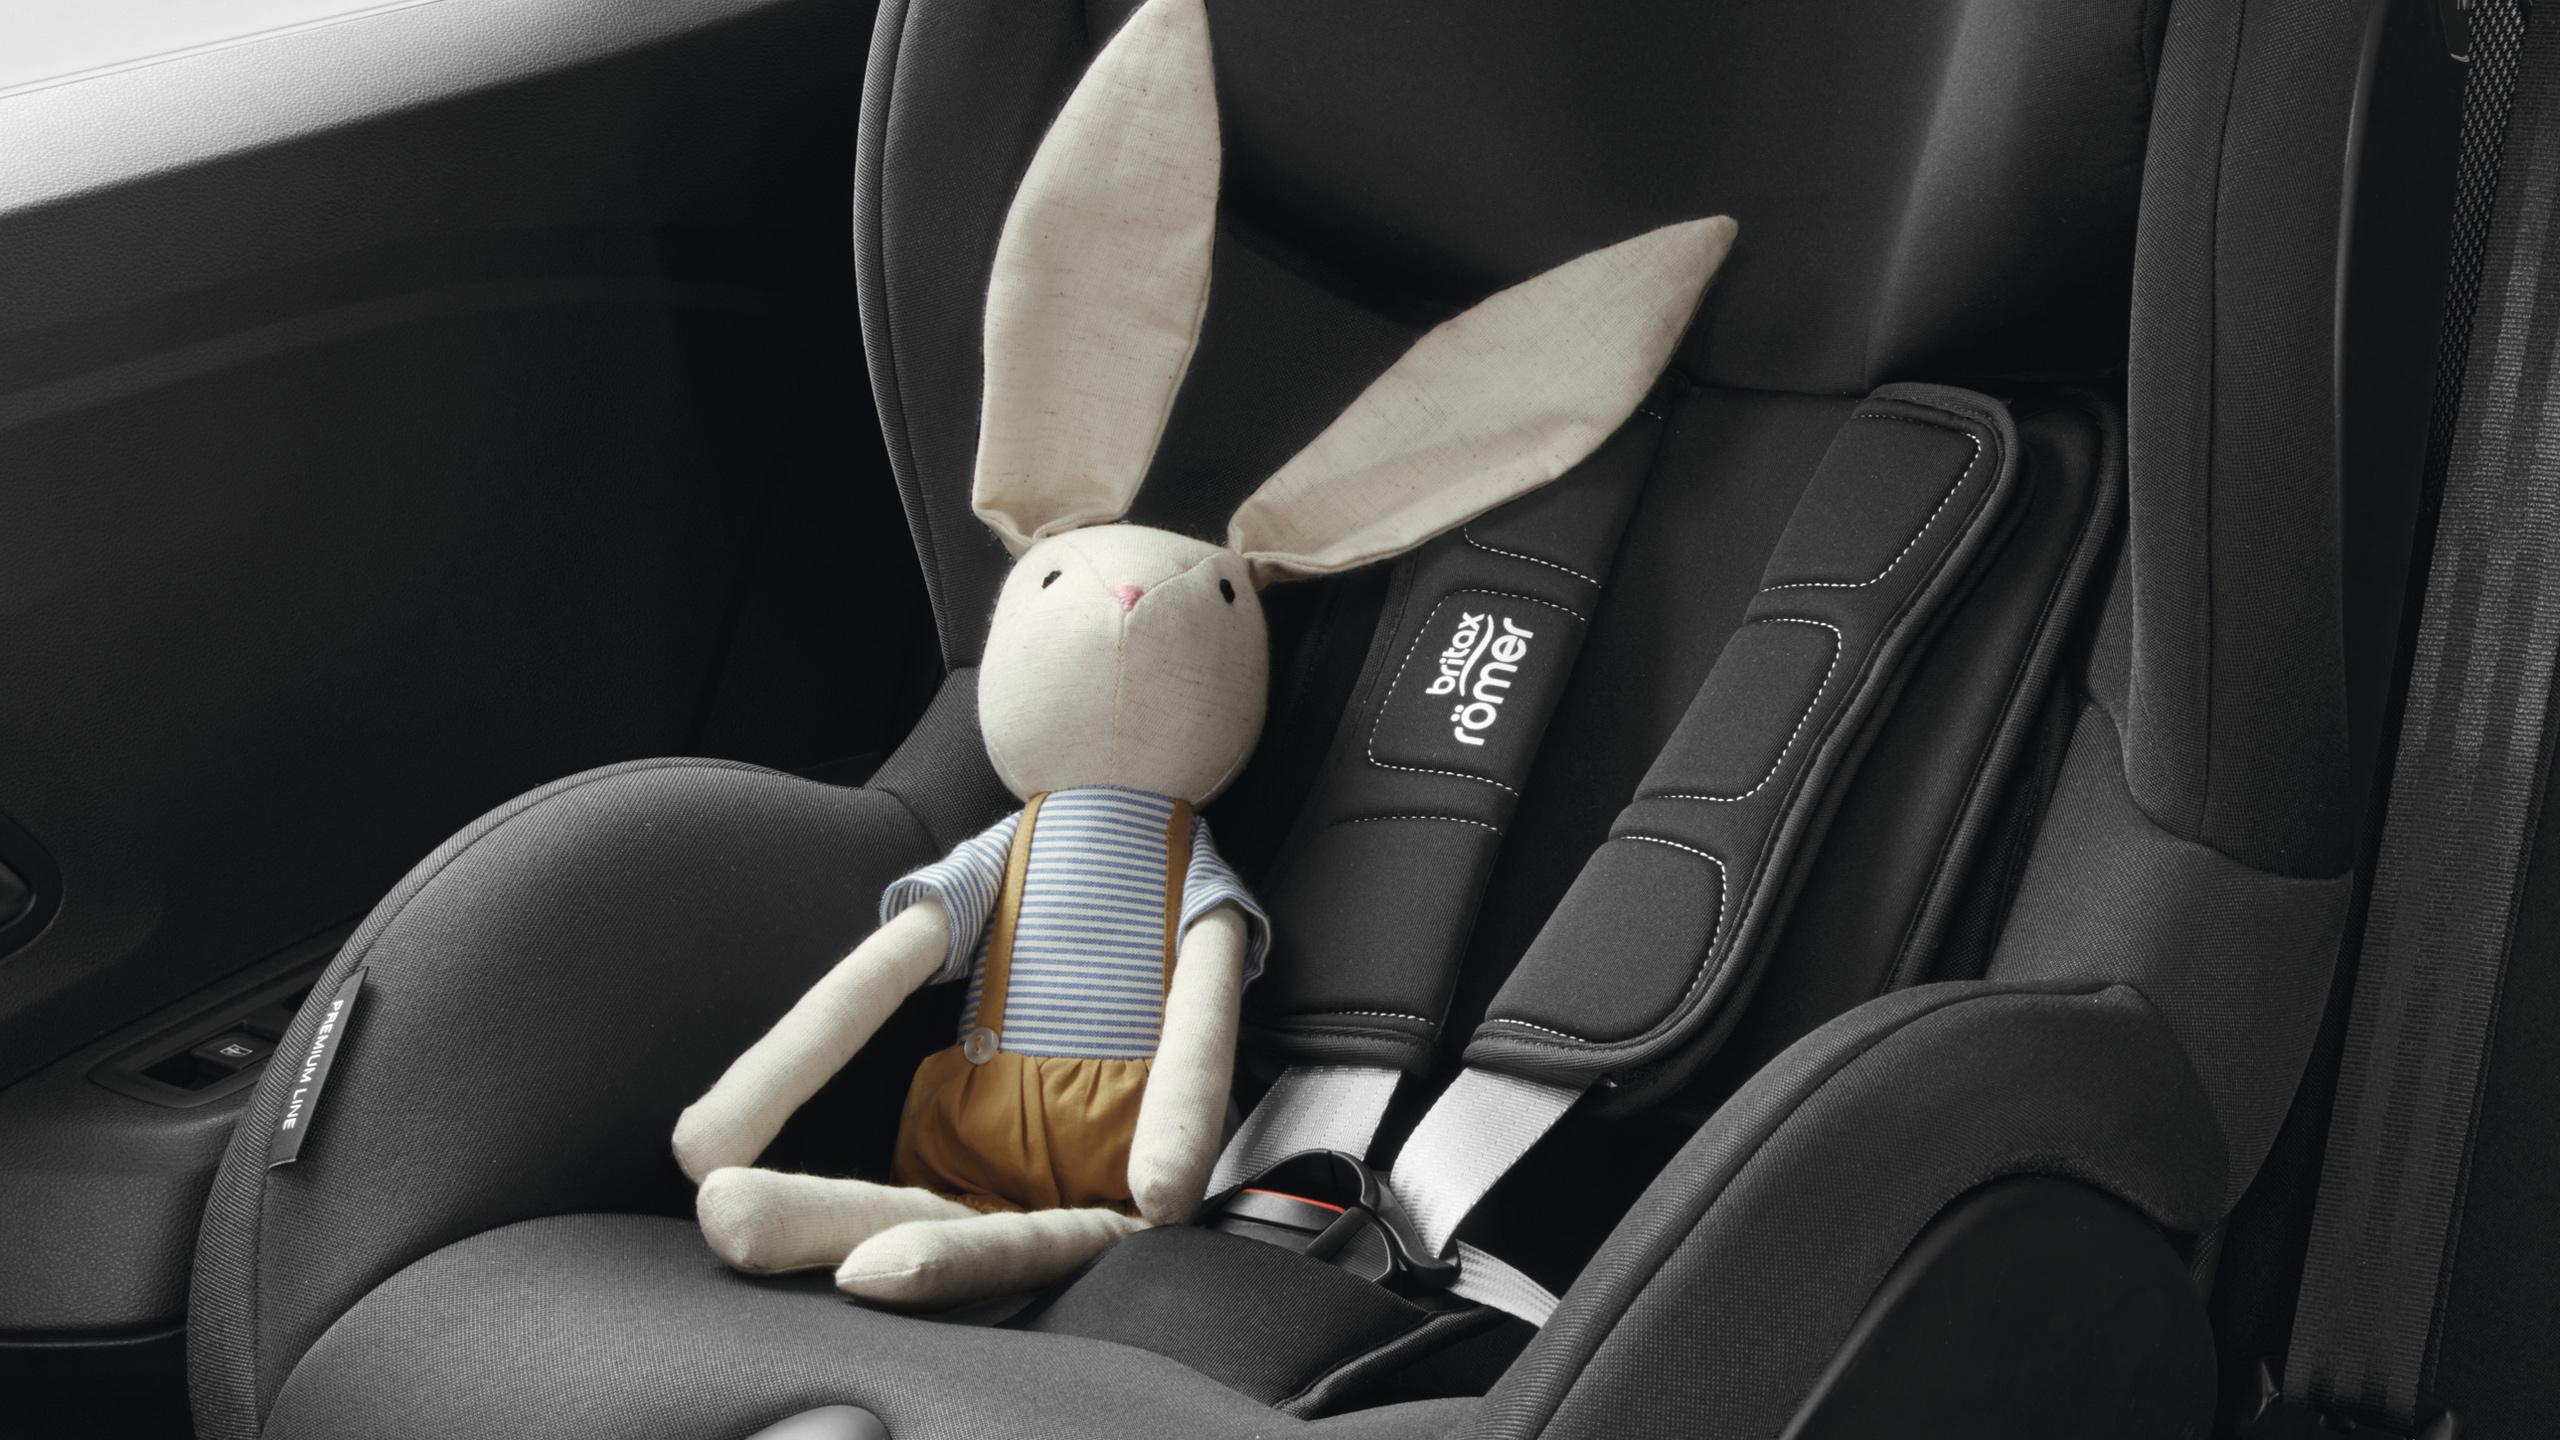 Système d'attache Isofix pour siège enfant